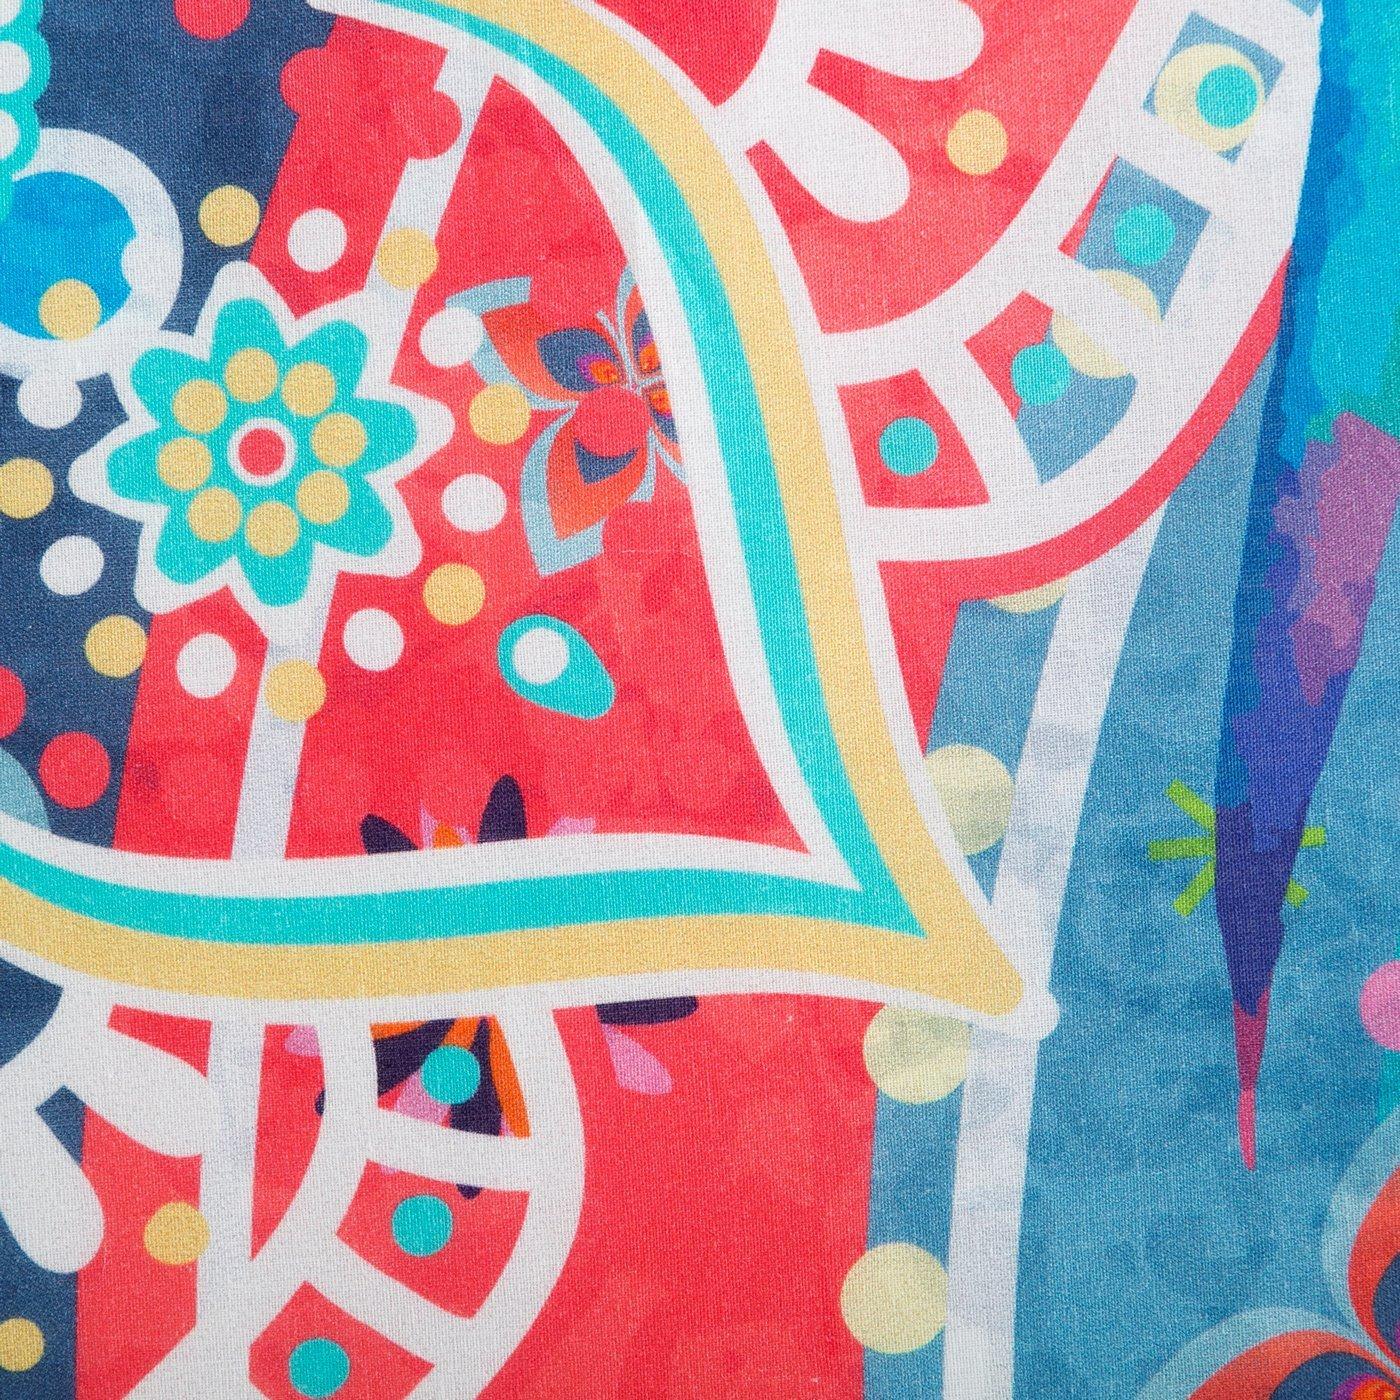 Komplet pościeli  bawełnianej 220 x 200 cm, 2 szt. 70 x 80 styl boho bawełna hiszpańska